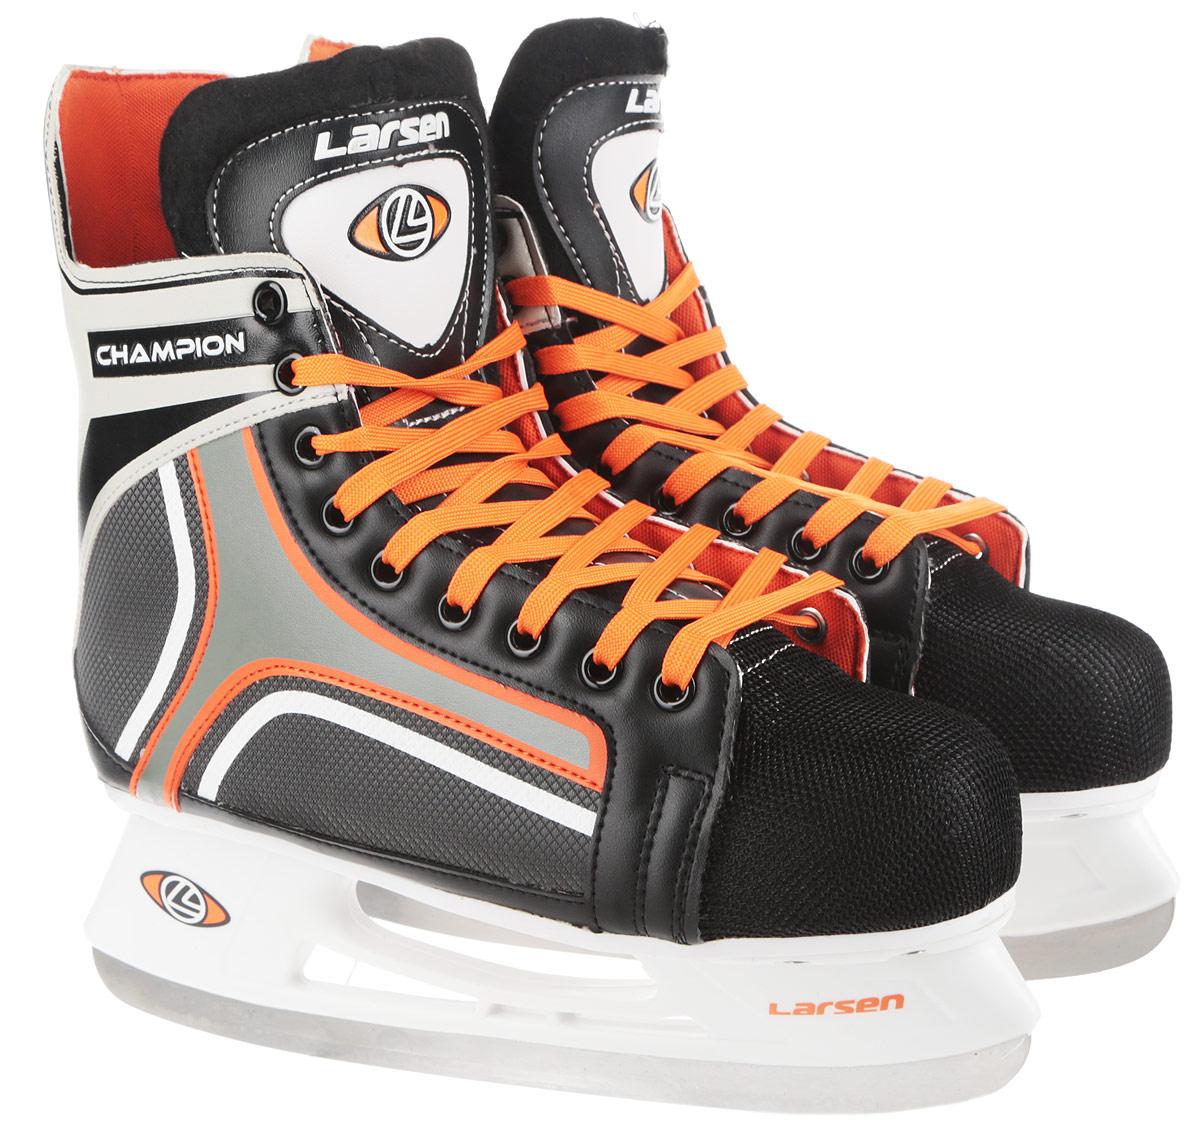 Коньки хоккейные мужские Larsen Champion, цвет: черный, белый, оранжевый. Размер 39ChampionСтильные коньки Champion от Larsen прекрасно подойдут для начинающих игроков в хоккей. Ботинок выполнен из морозоустойчивого поливинилхлорида. Мыс дополнен вставкой из полипропилена, покрытого сетчатым нейлоном, которая защитит ноги от ударов. Внутренний слой изготовлен из мягкого текстиля, который обеспечит тепло и комфорт во время катания, язычок - из войлока. Плотная шнуровка надежно фиксирует модель на ноге. Голеностоп имеет удобный суппорт. Стелька из EVA с текстильной поверхностью обеспечит комфортное катание. Стойка выполнена из ударопрочного полипропилена. Лезвие из нержавеющей стали обеспечит превосходное скольжение. В комплект входят пластиковые чехлы для лезвий. Температура использования до -20°С.